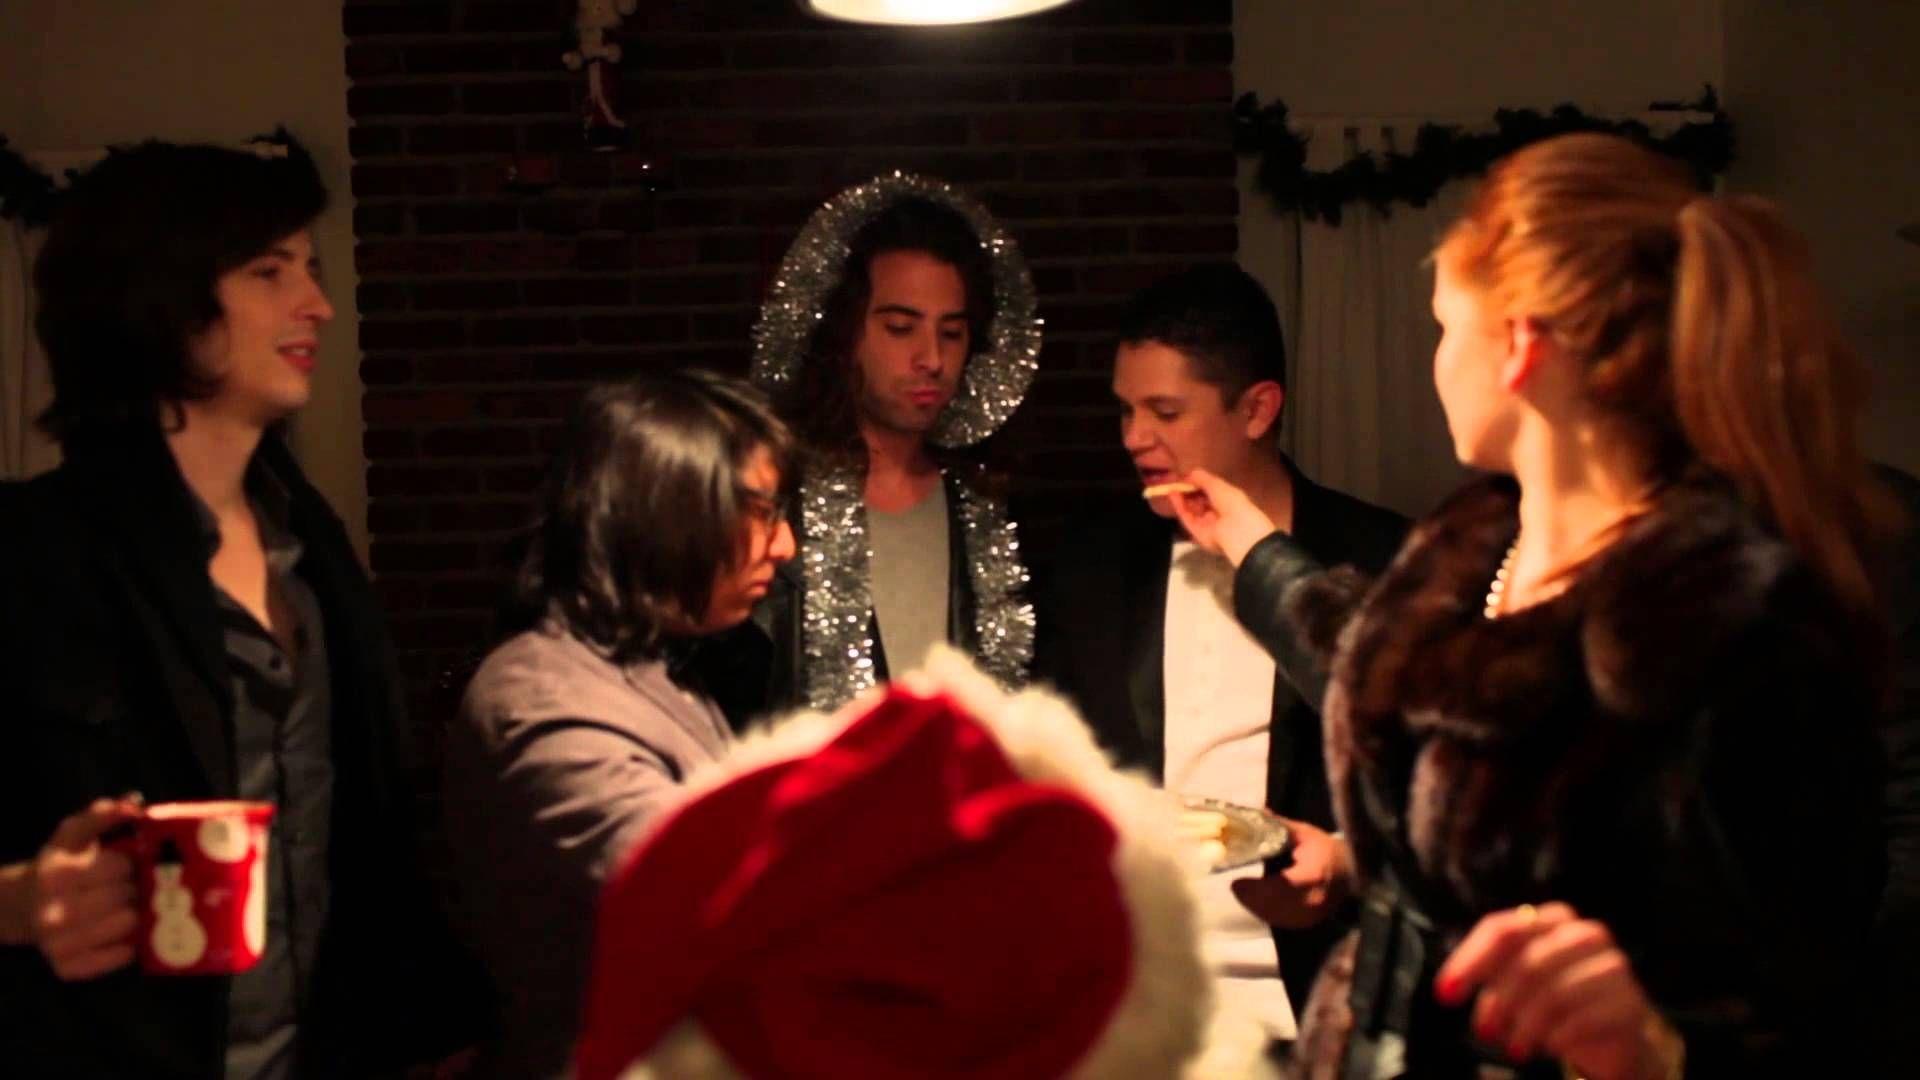 debby the never ending // Santa Baby teaser Debby ryan